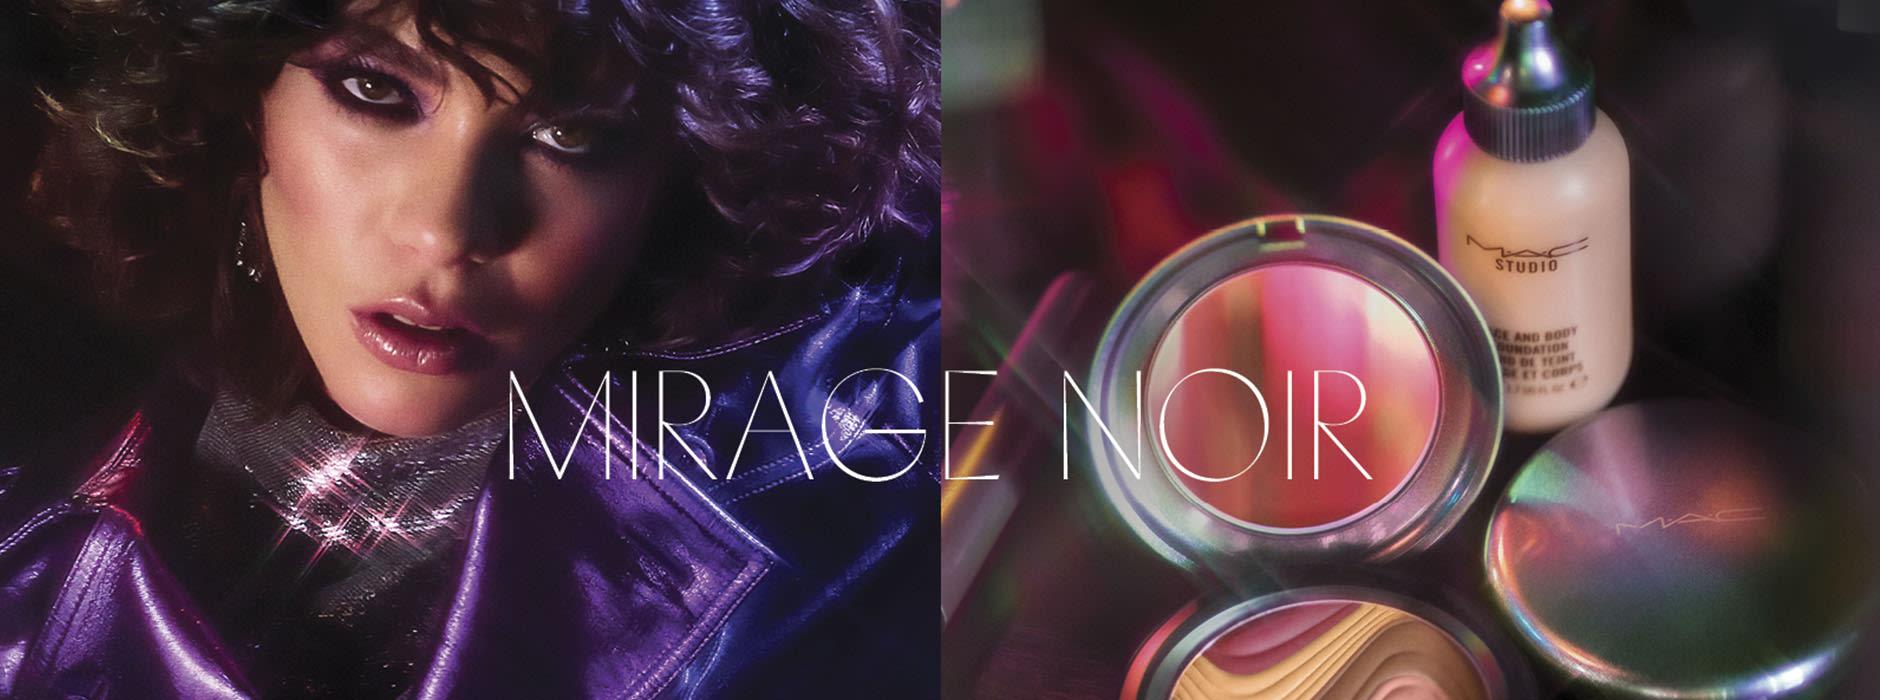 M·A·C Mirage Noir